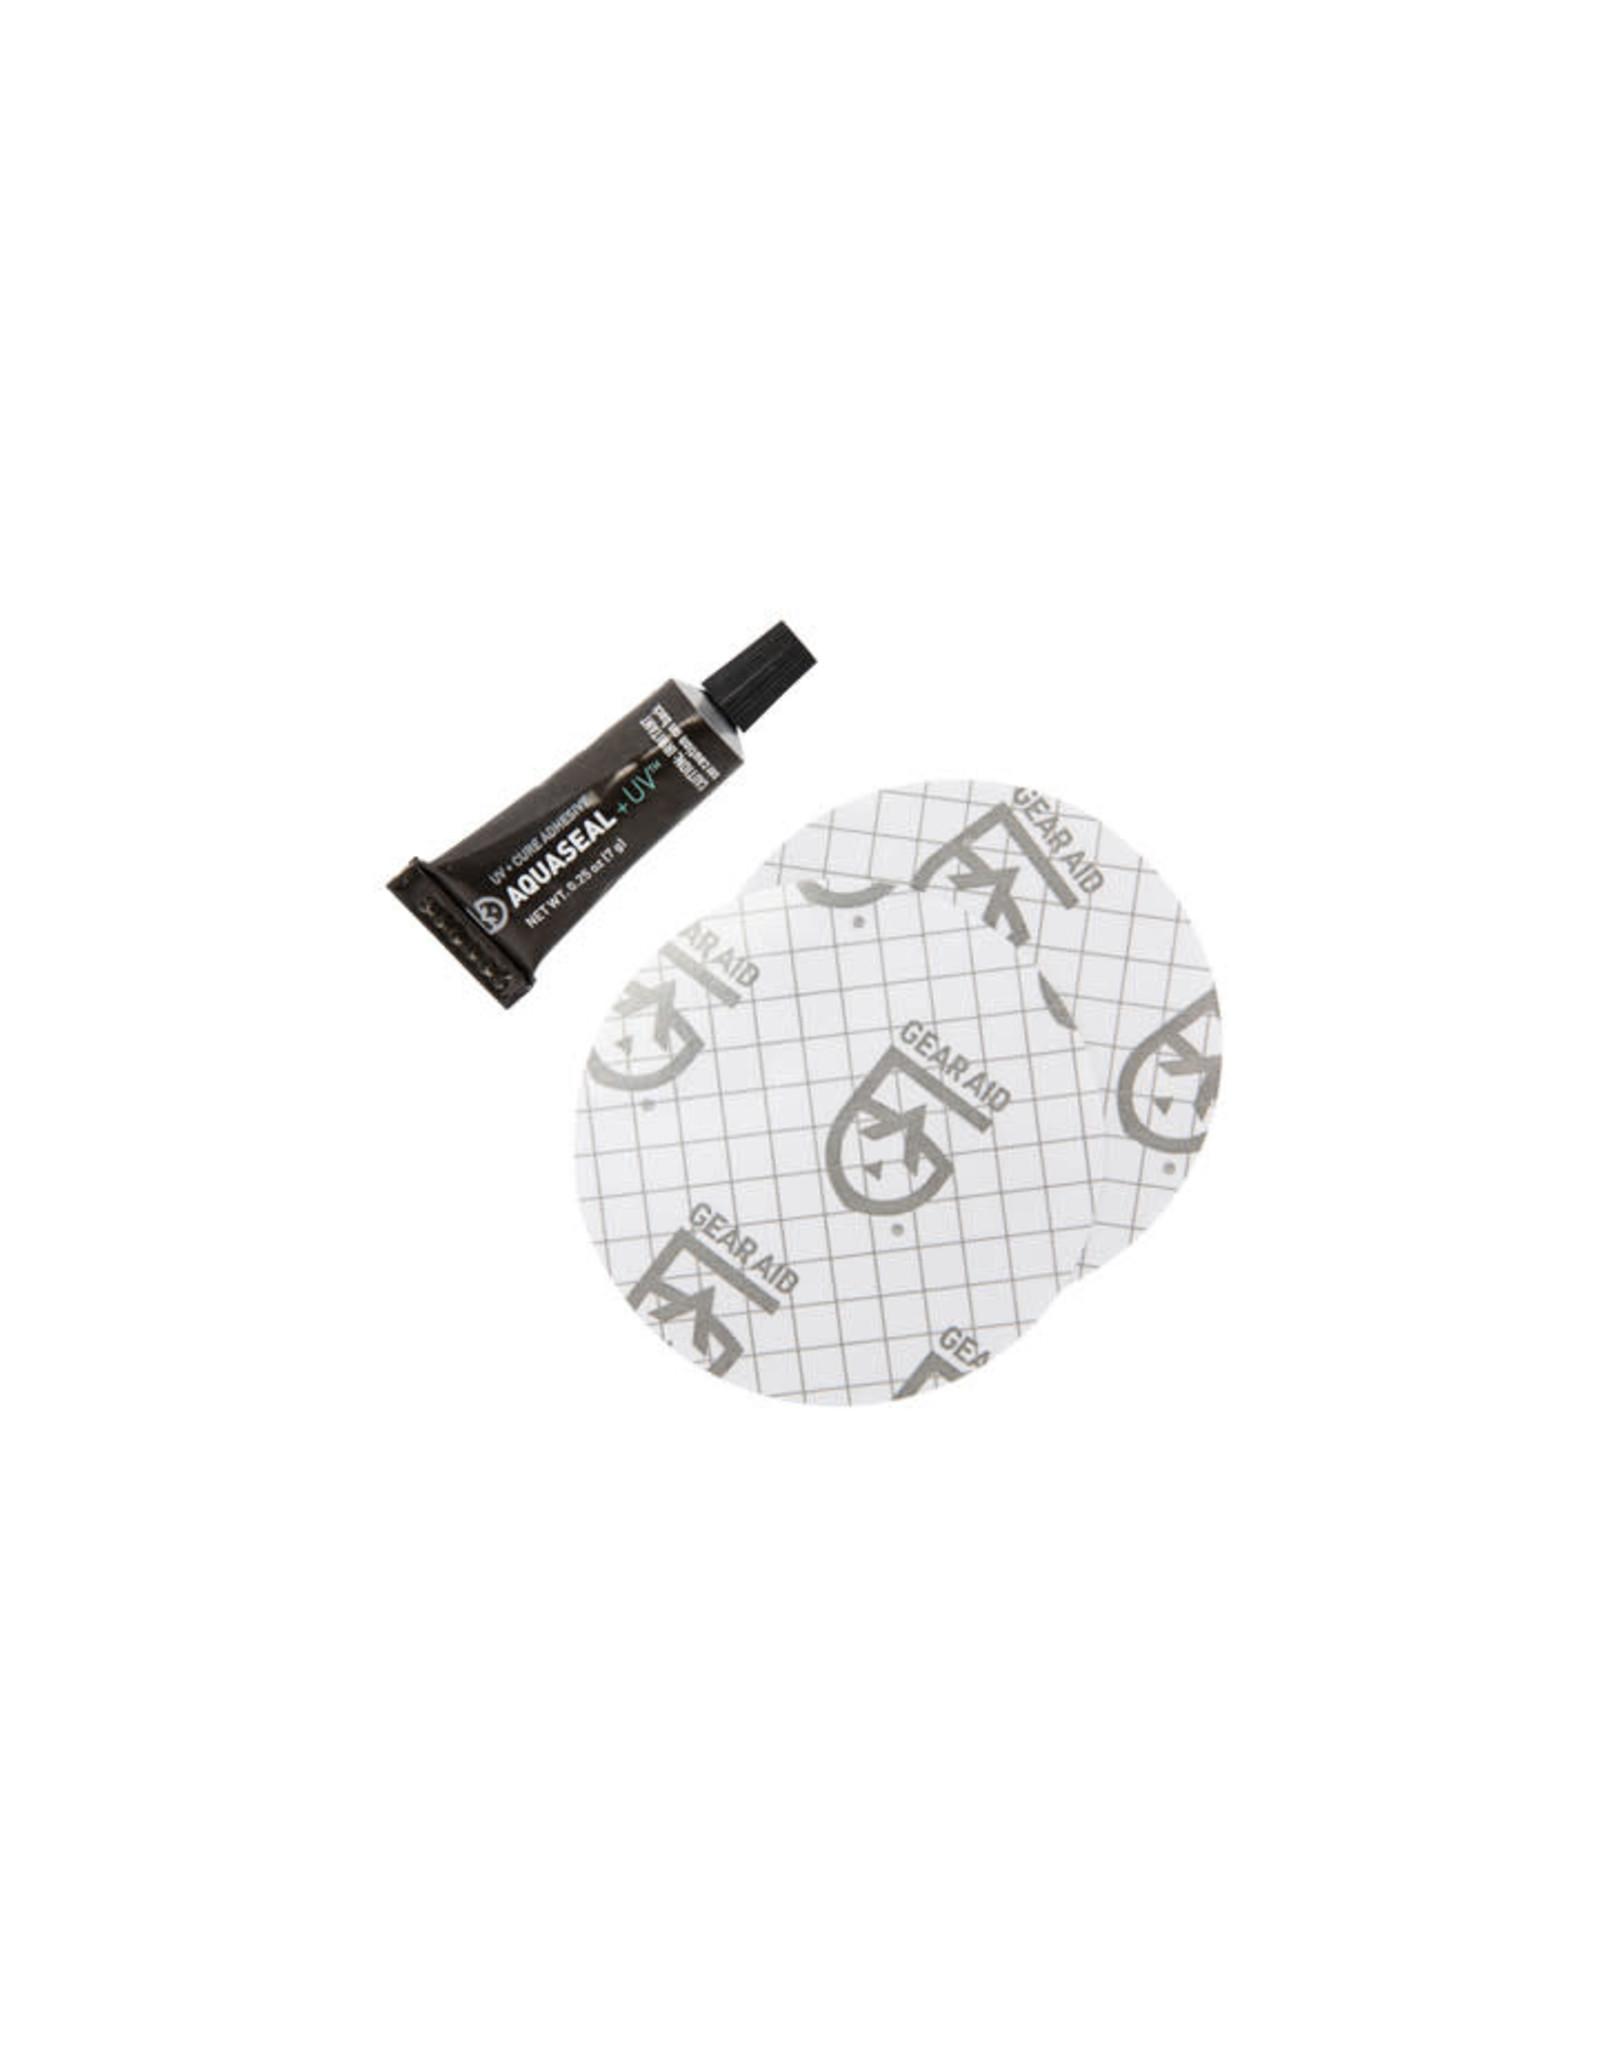 SIMMS Field Repair Kit Colorless